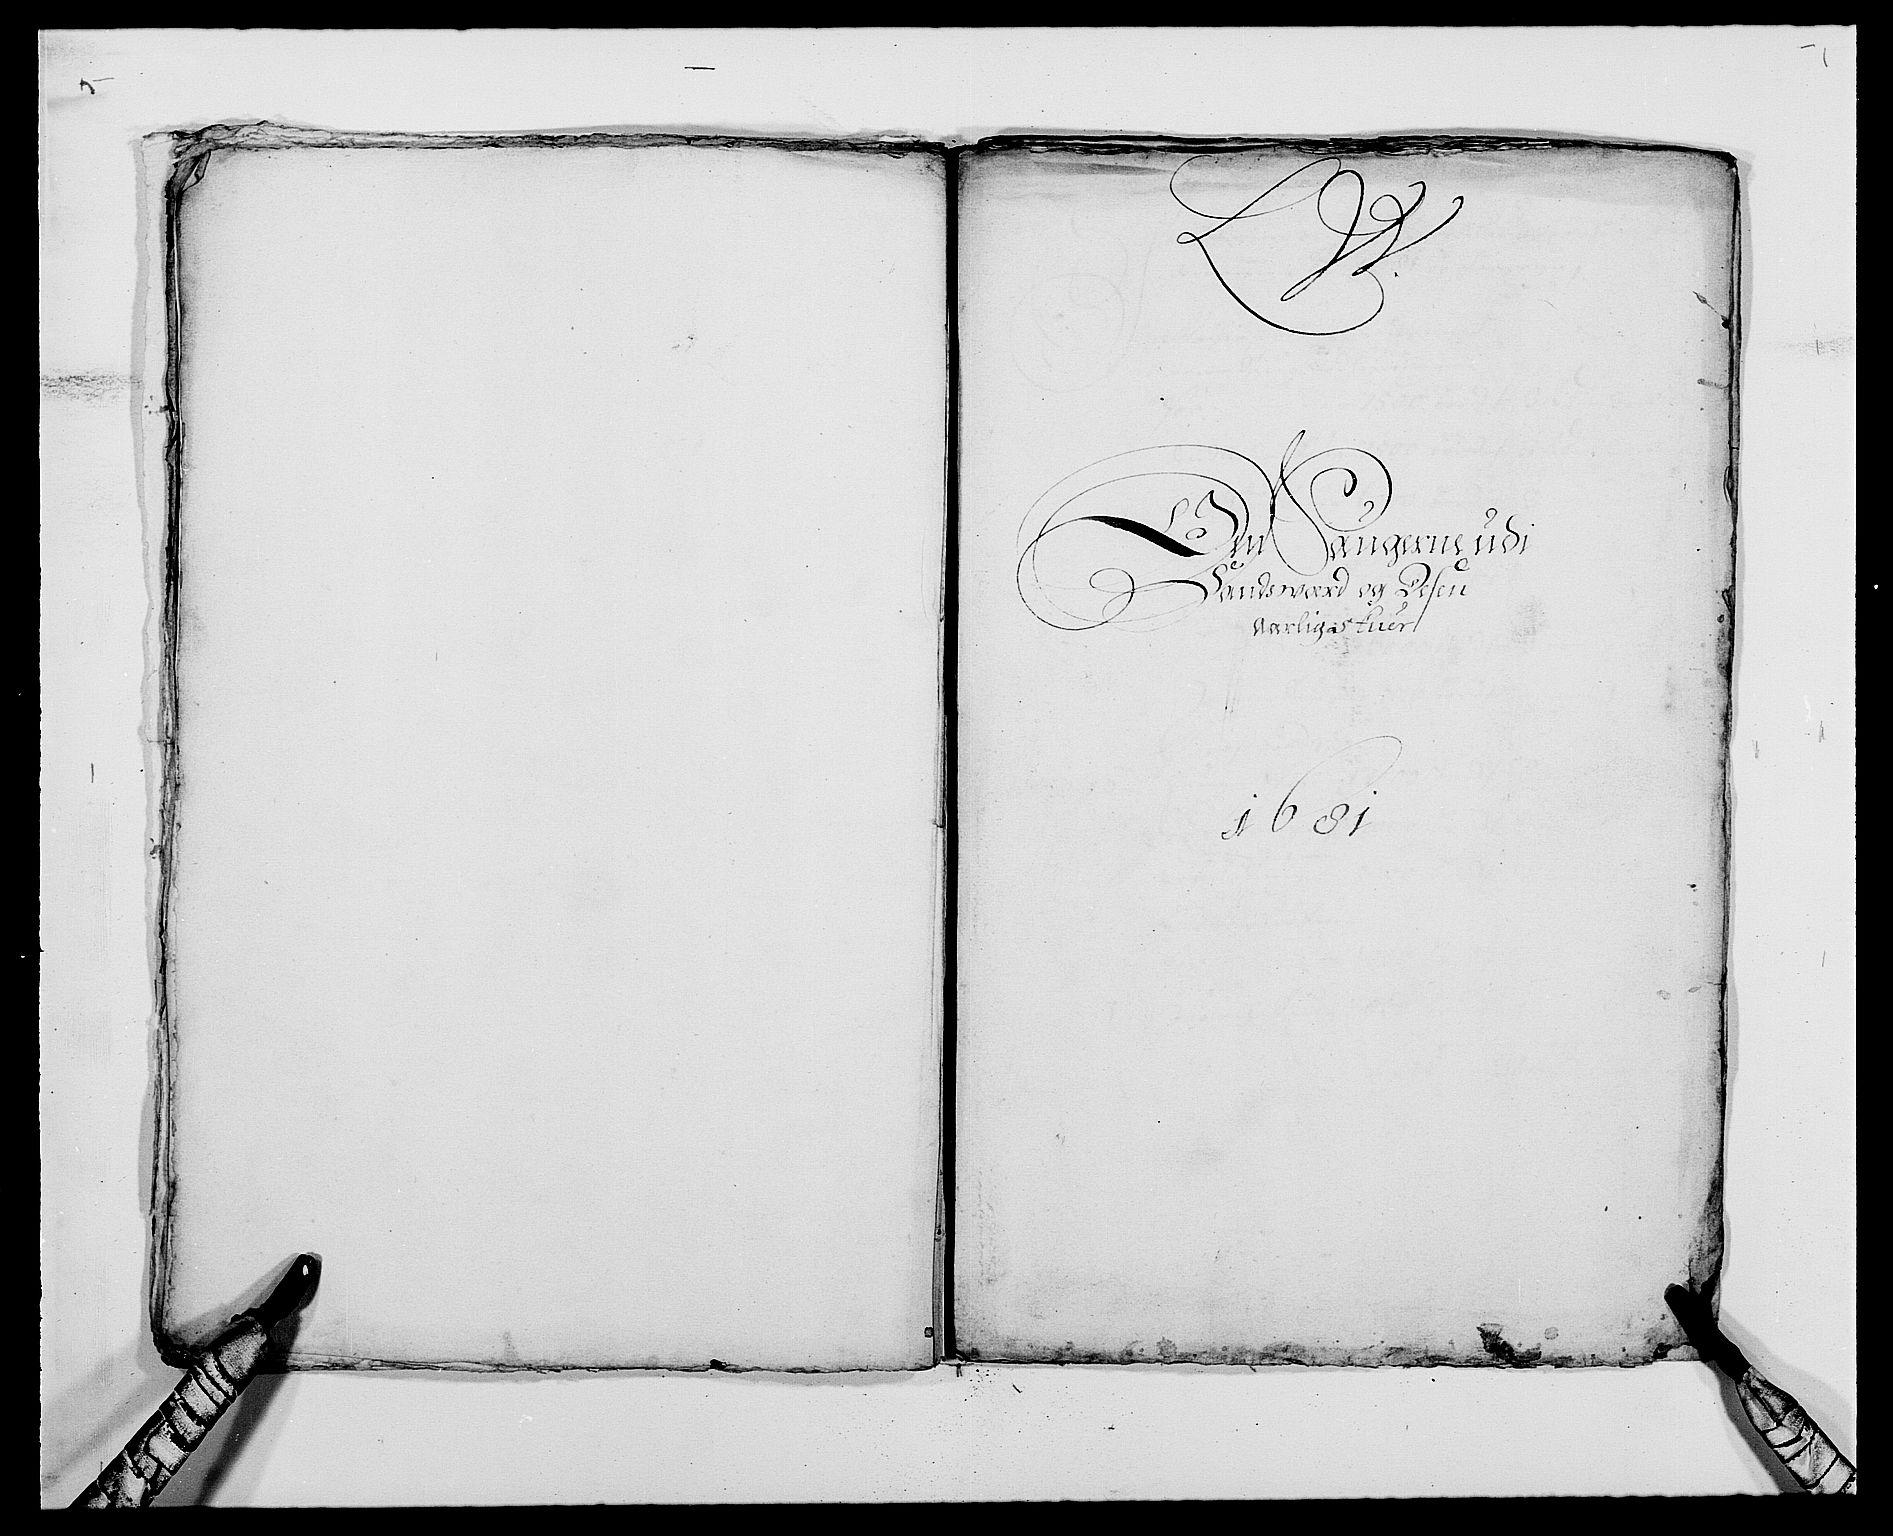 RA, Rentekammeret inntil 1814, Reviderte regnskaper, Fogderegnskap, R24/L1569: Fogderegnskap Numedal og Sandsvær, 1679-1686, s. 367